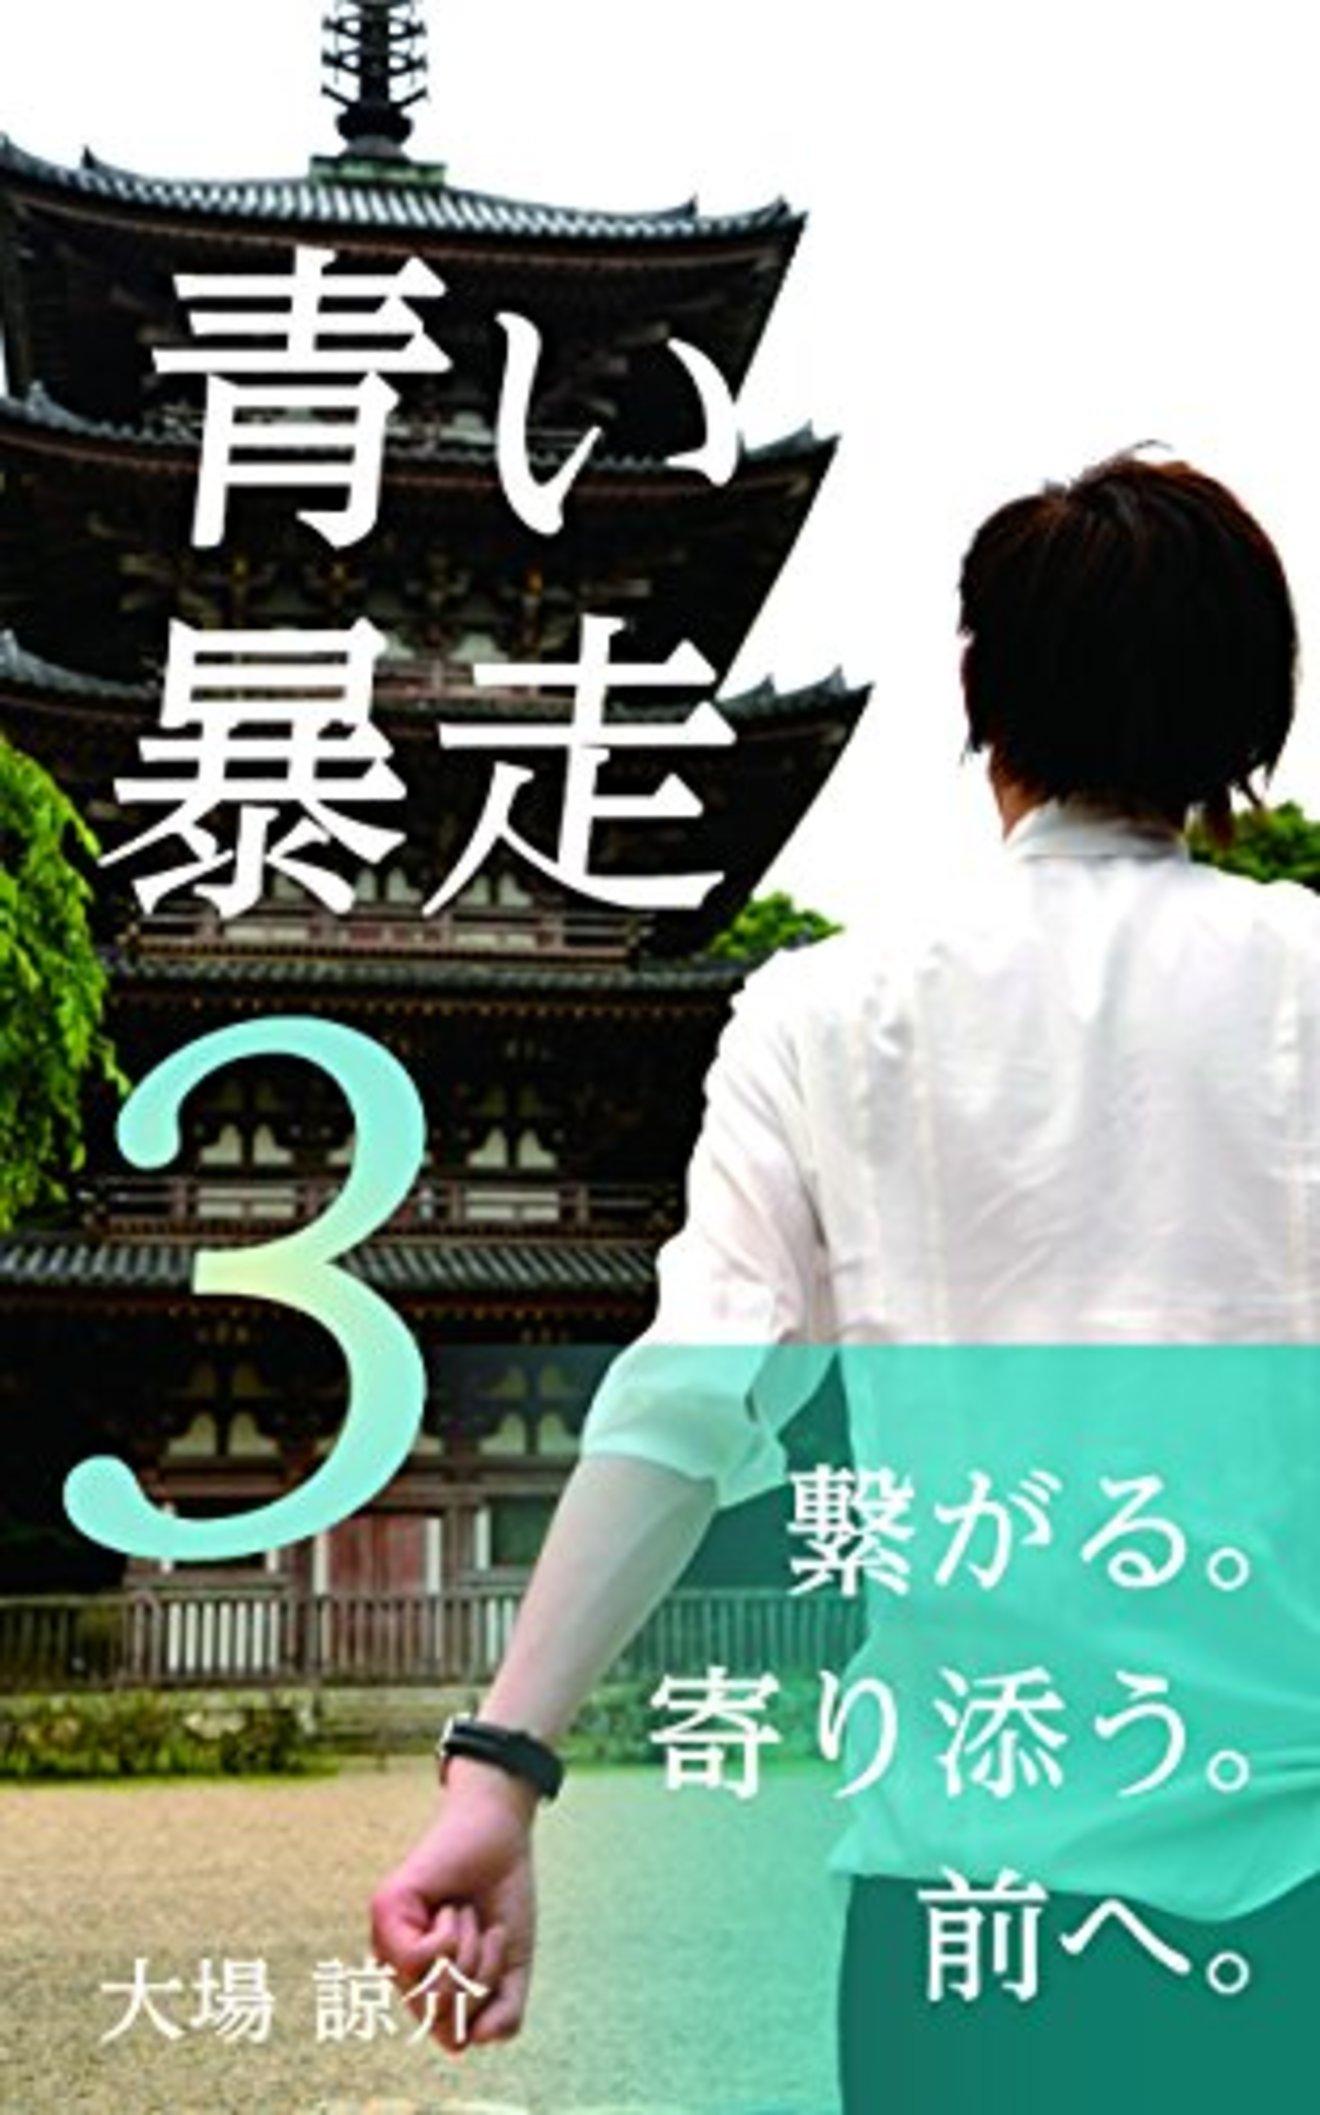 【連載小説】「ロマンティックが終わる時」第2話【毎朝6時更新】